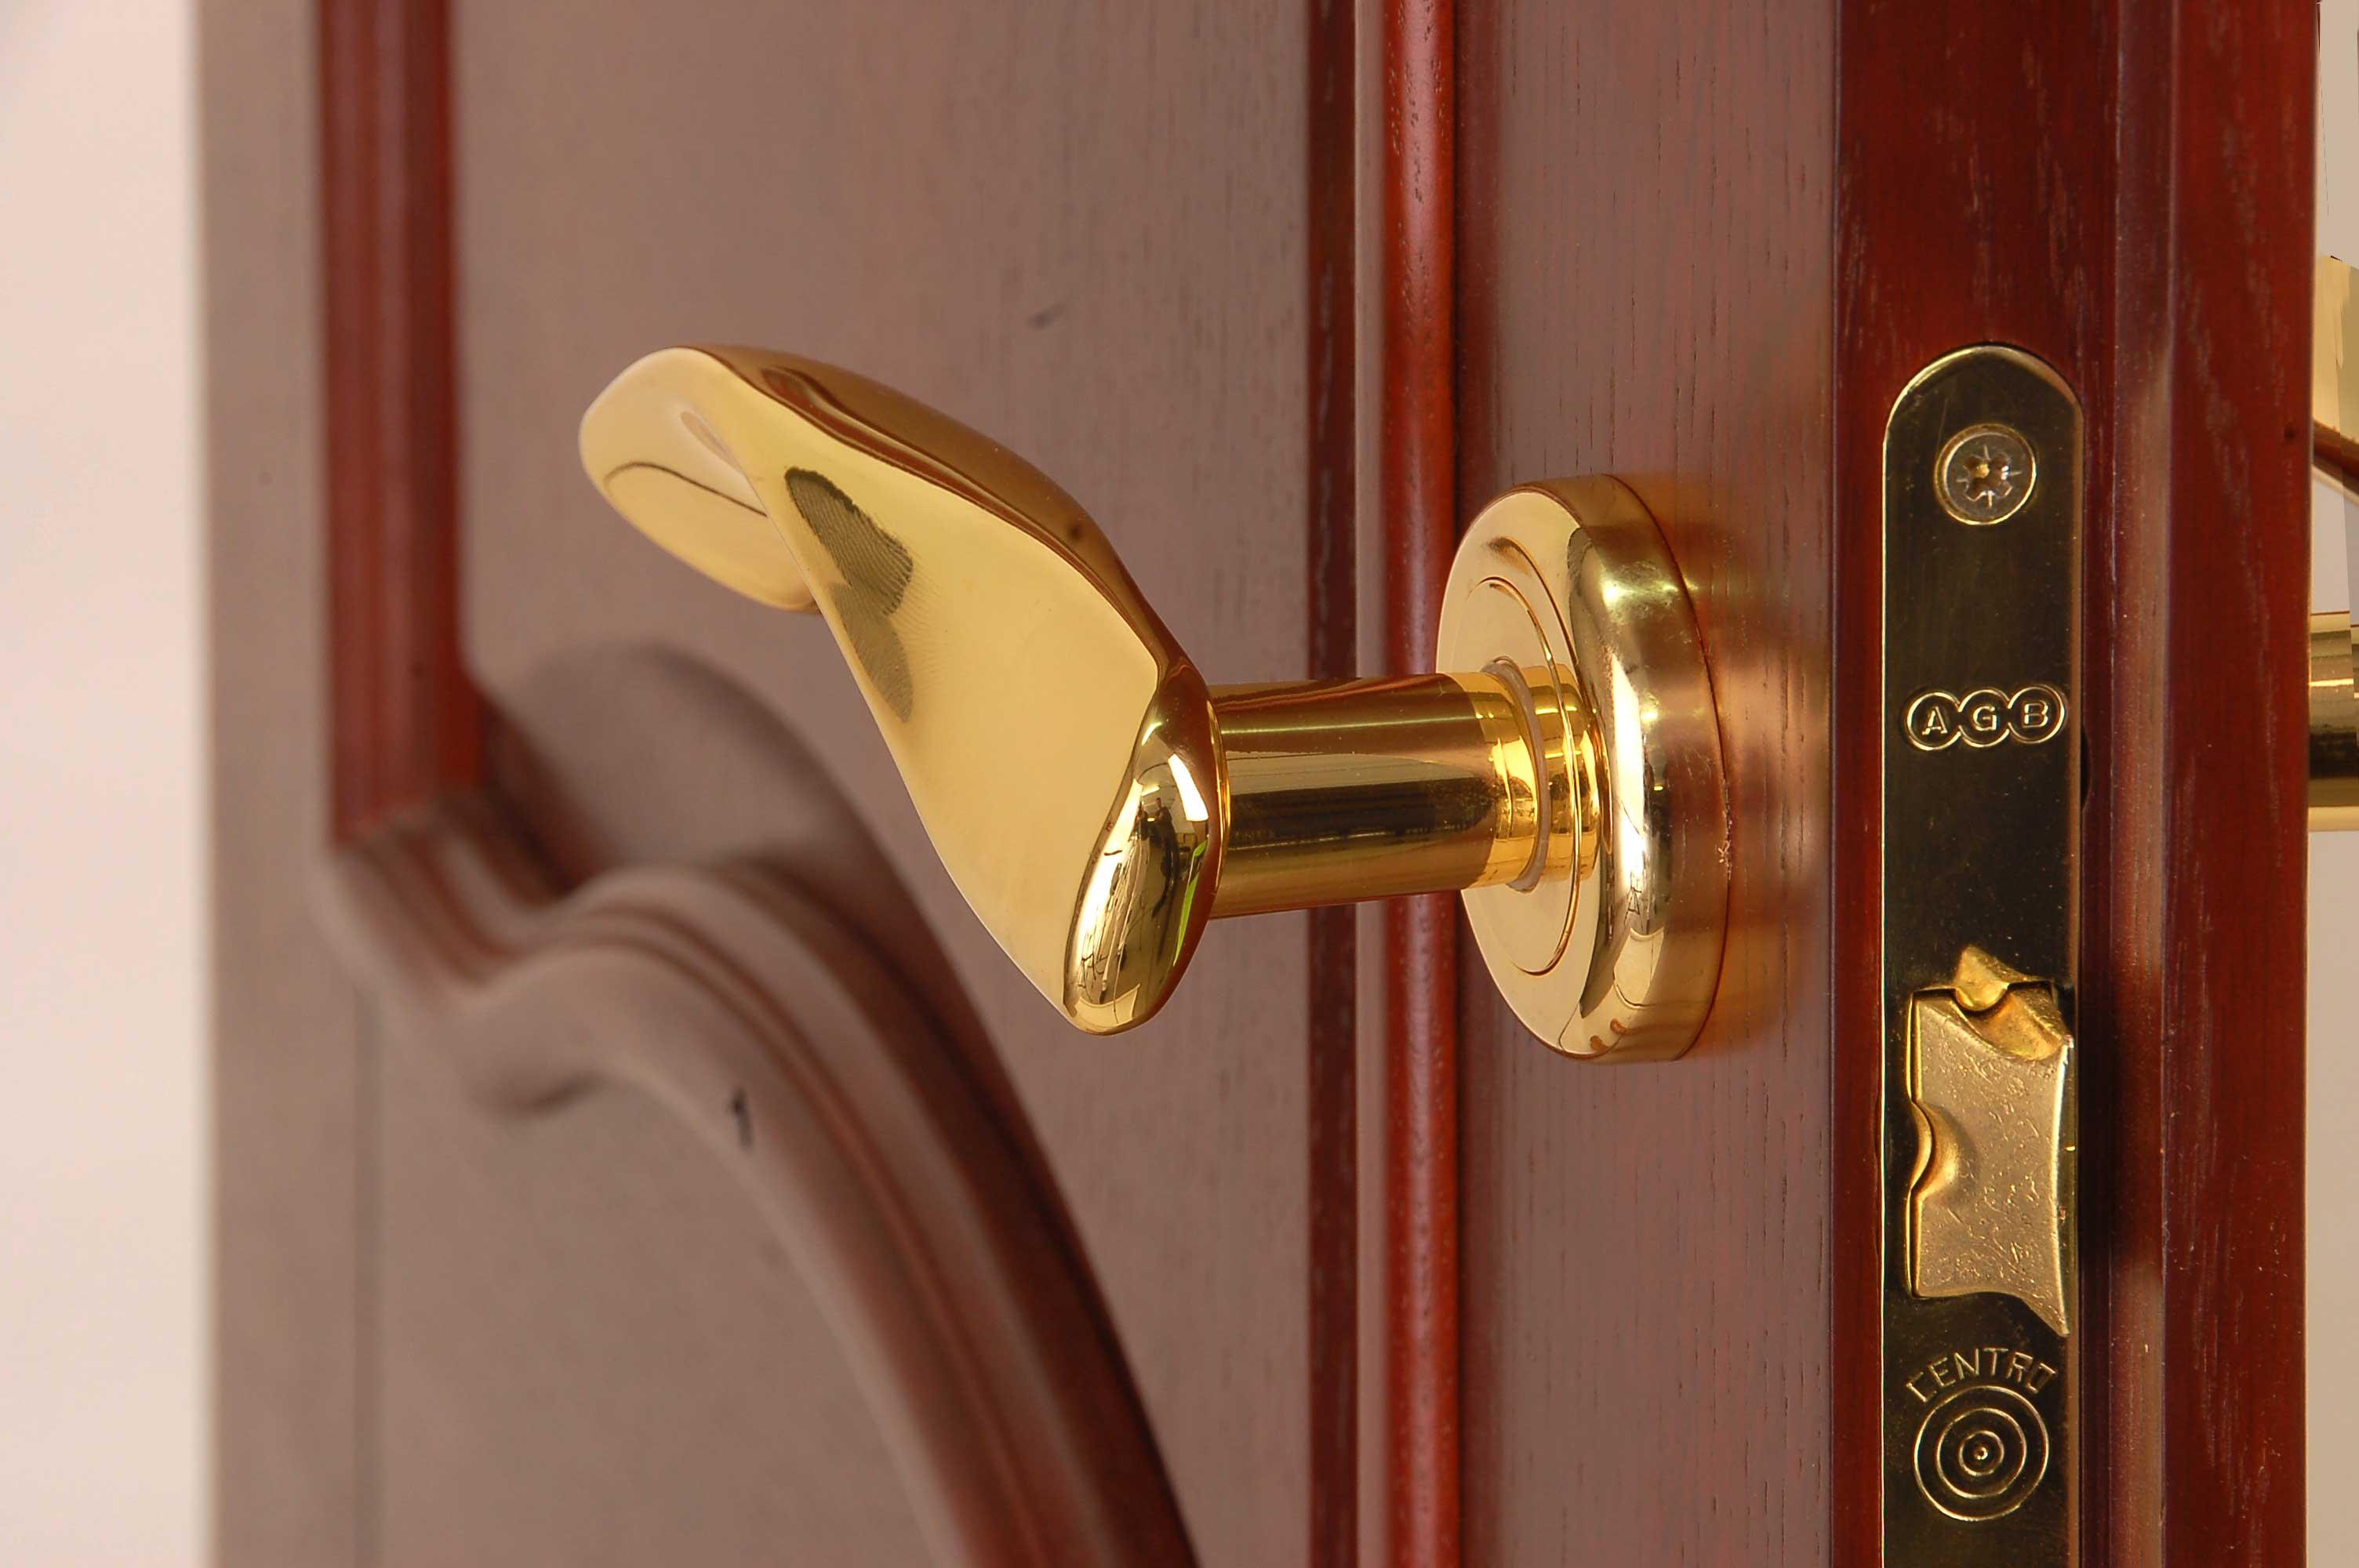 Как быстро выбрать надежную и качественную дверную фурнитуру